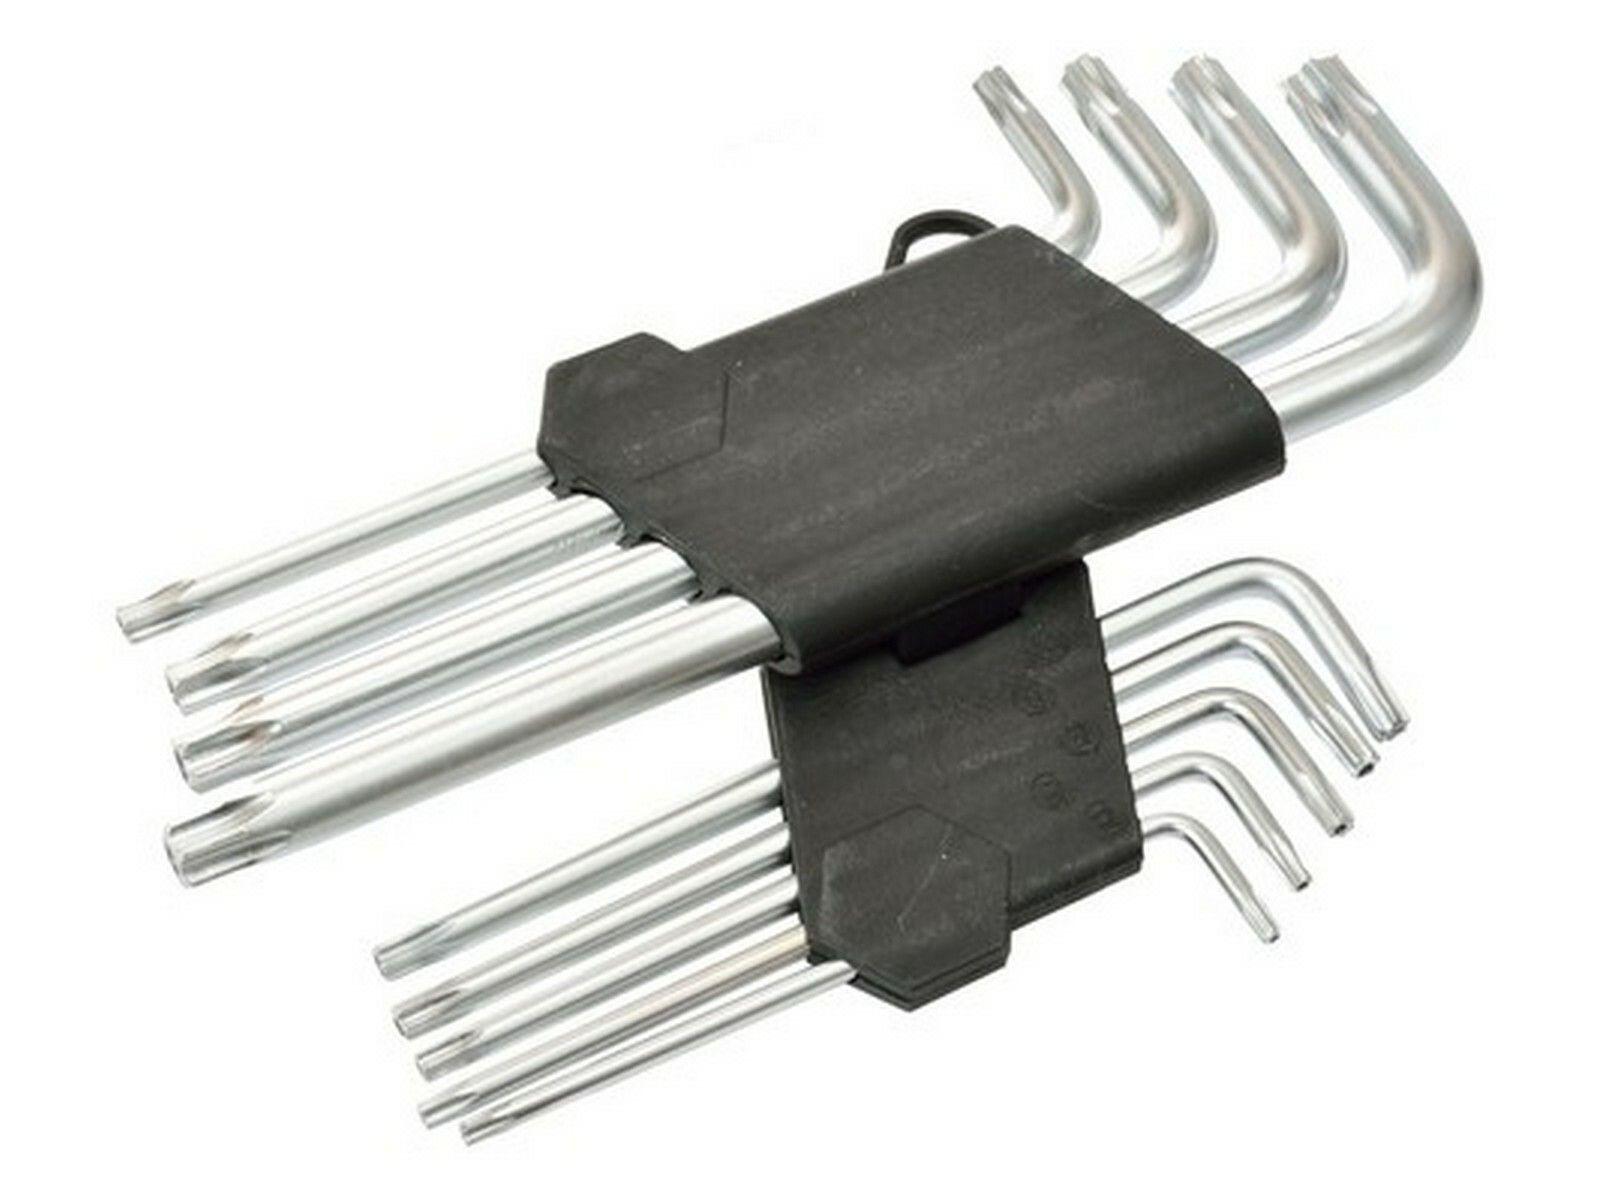 L-klíče TORX, sada 9ks, T10-T50, 190mm GEKO